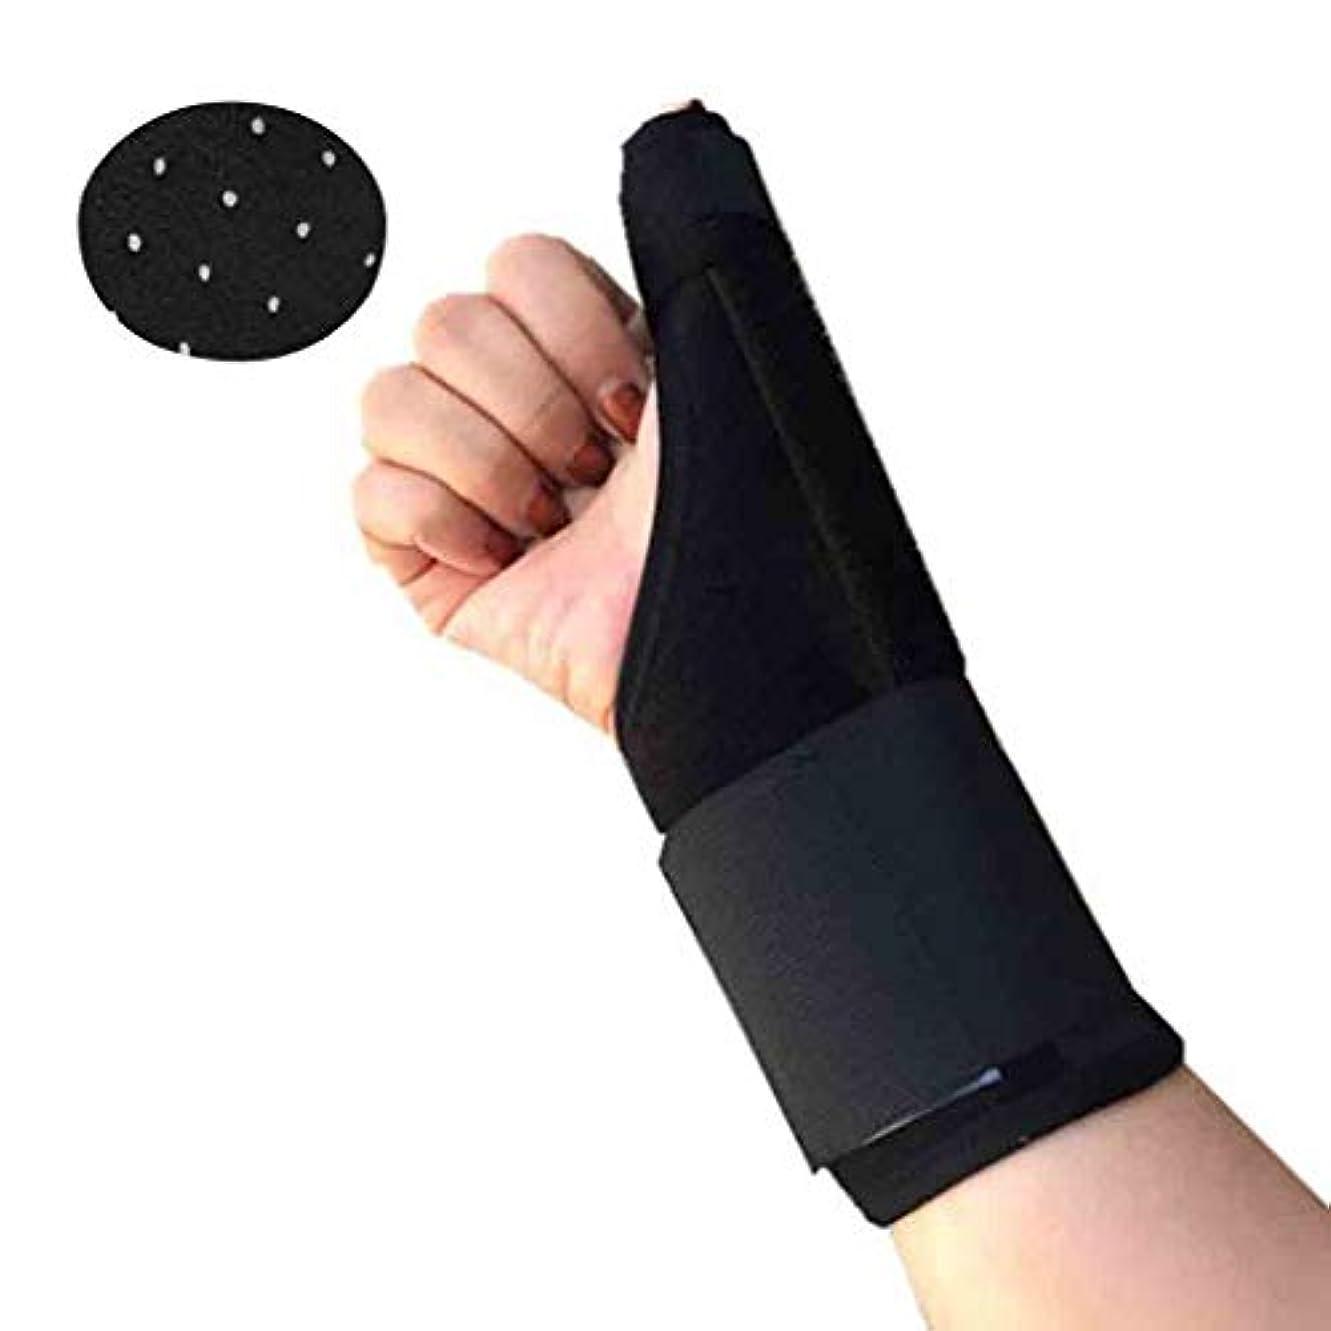 クローンパッケージ暴行関節炎のThumbスプリントは、手根管トンネルのThumb関節Thumbブレースを固定する手首の痛みの救済は、右手と左手の両方にフィット Roscloud@